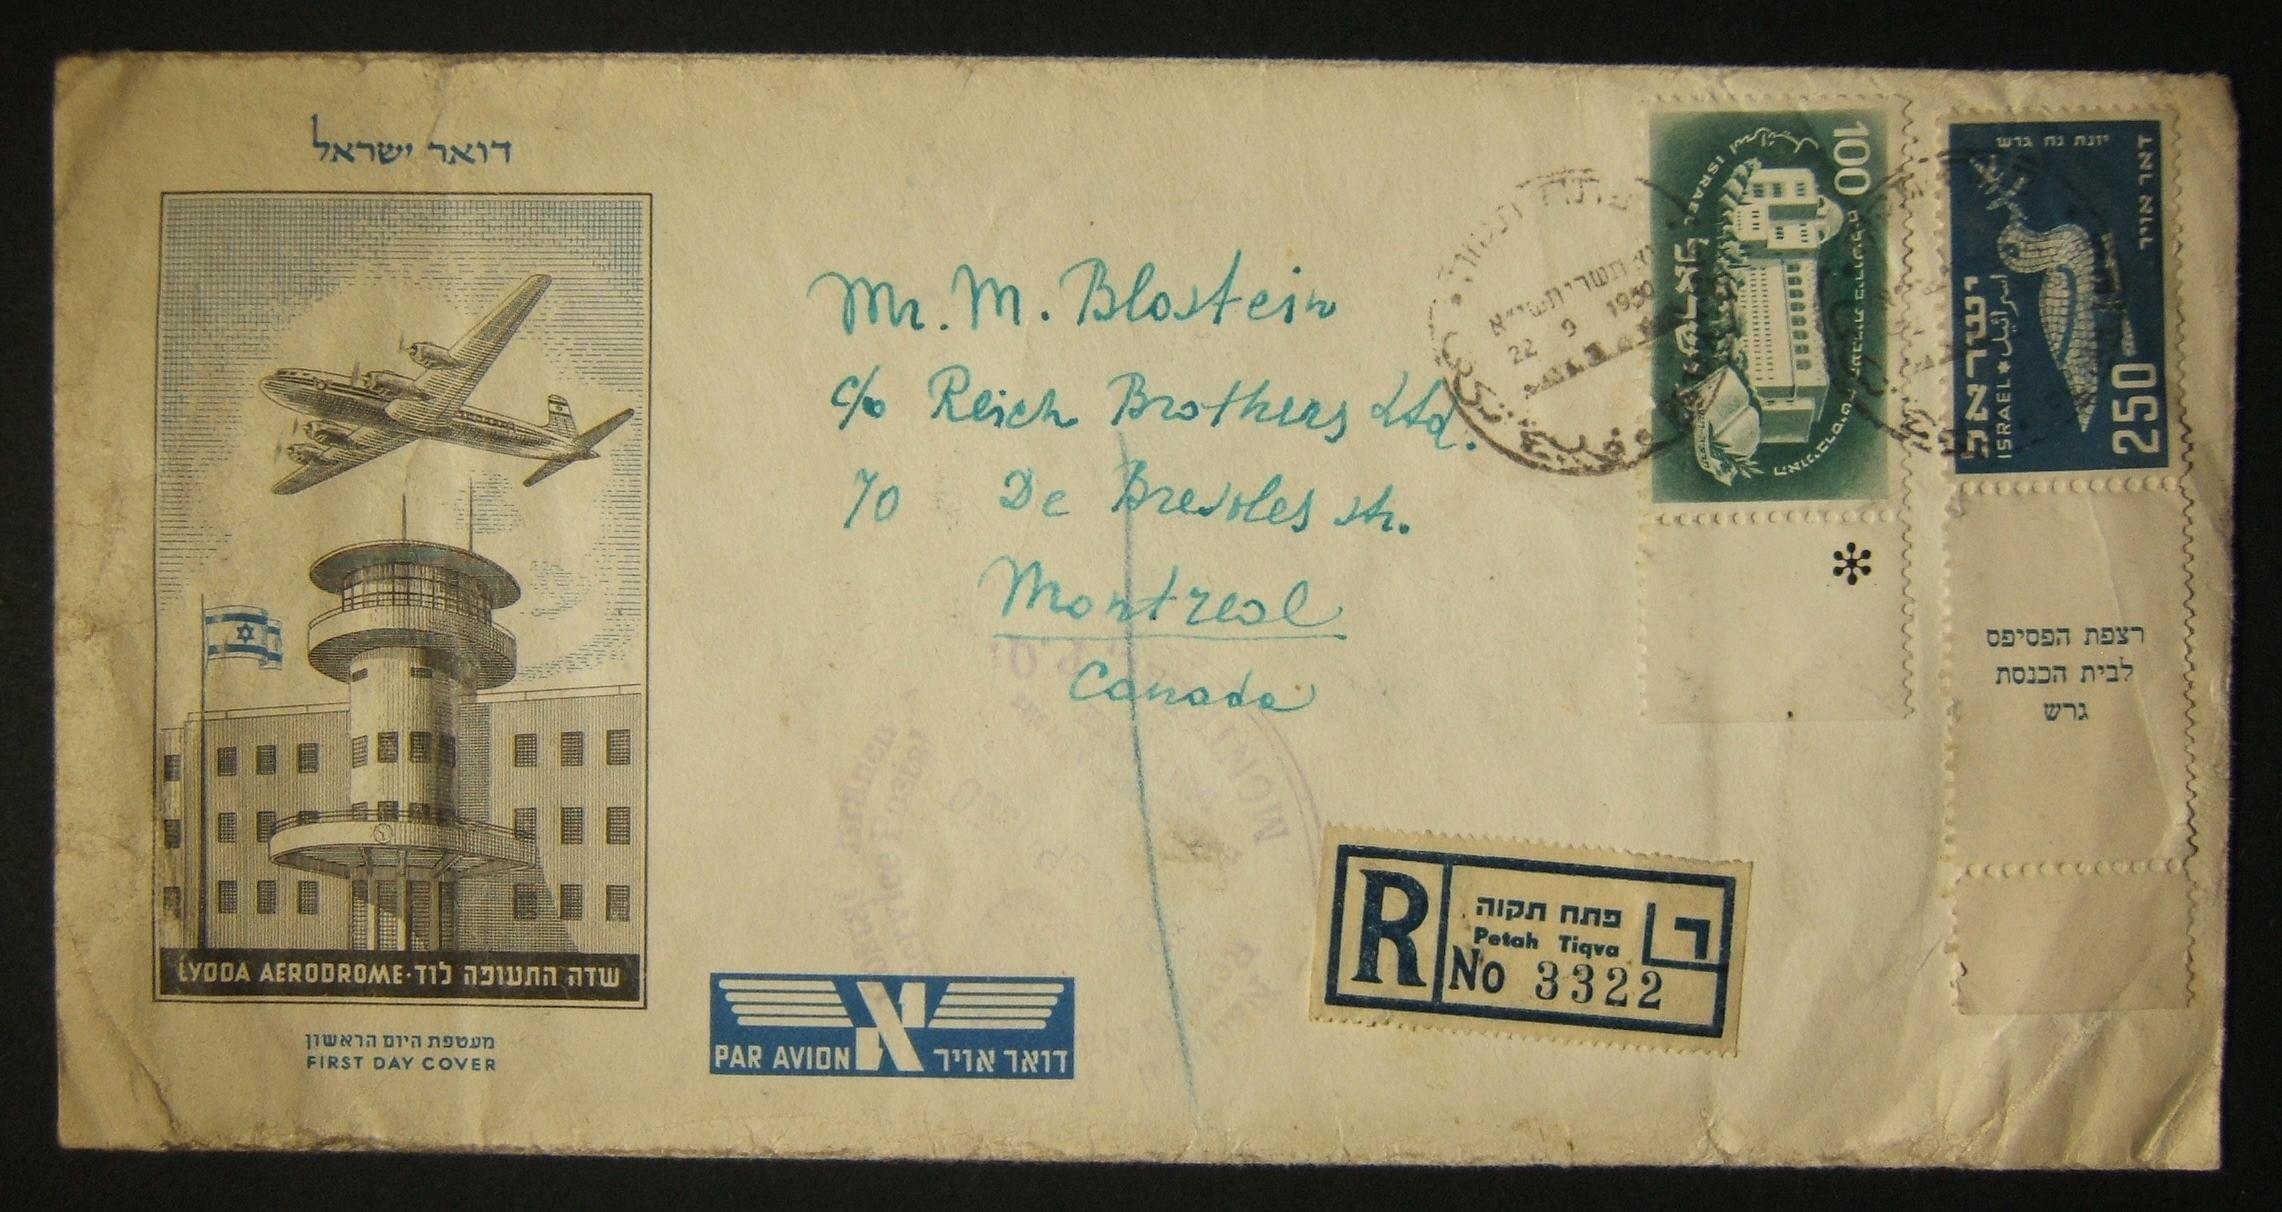 9/1950 الوزن الزائد يتضح البريد الجوي إلى كندا باستخدام الطوابع البريدية الكاملة 250pr 1st البريد الجوي